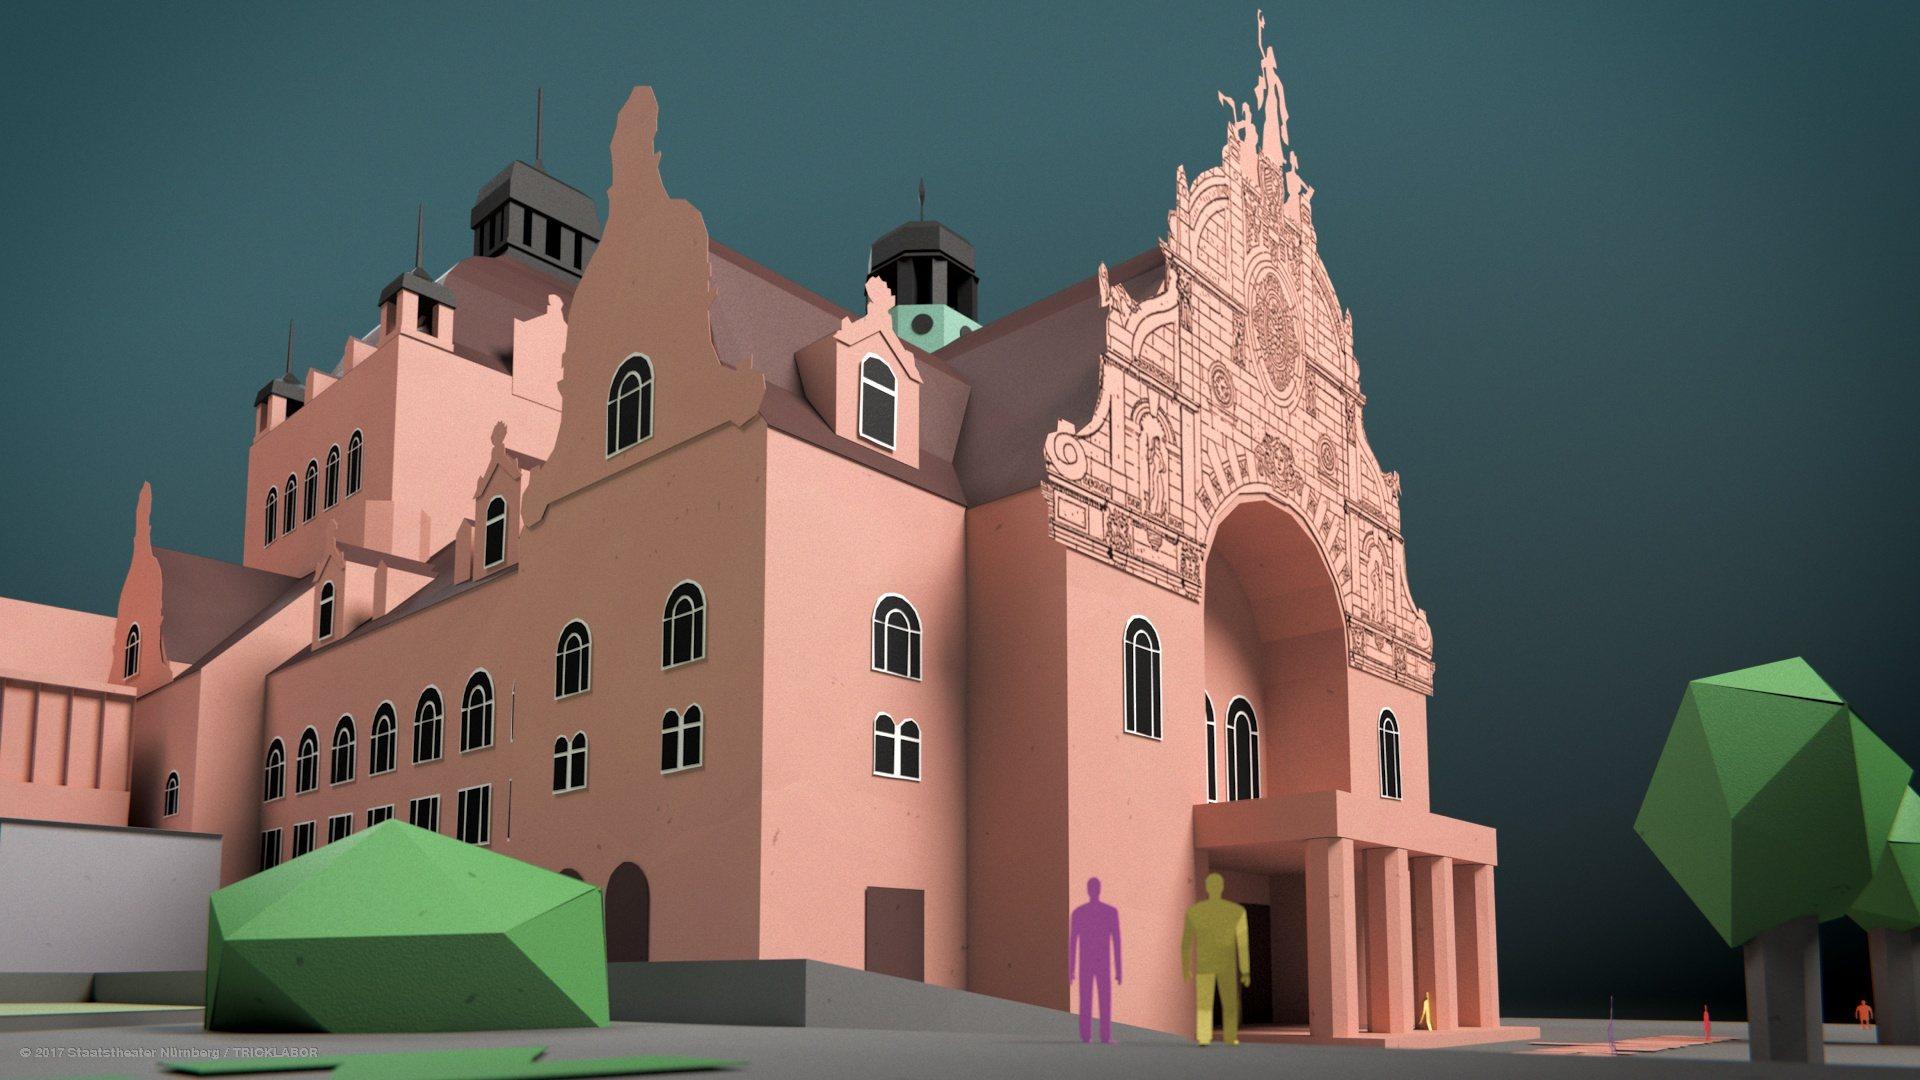 3d Animation Nürnberg staatstheater nürnberg upgrading the opera house tricklabor